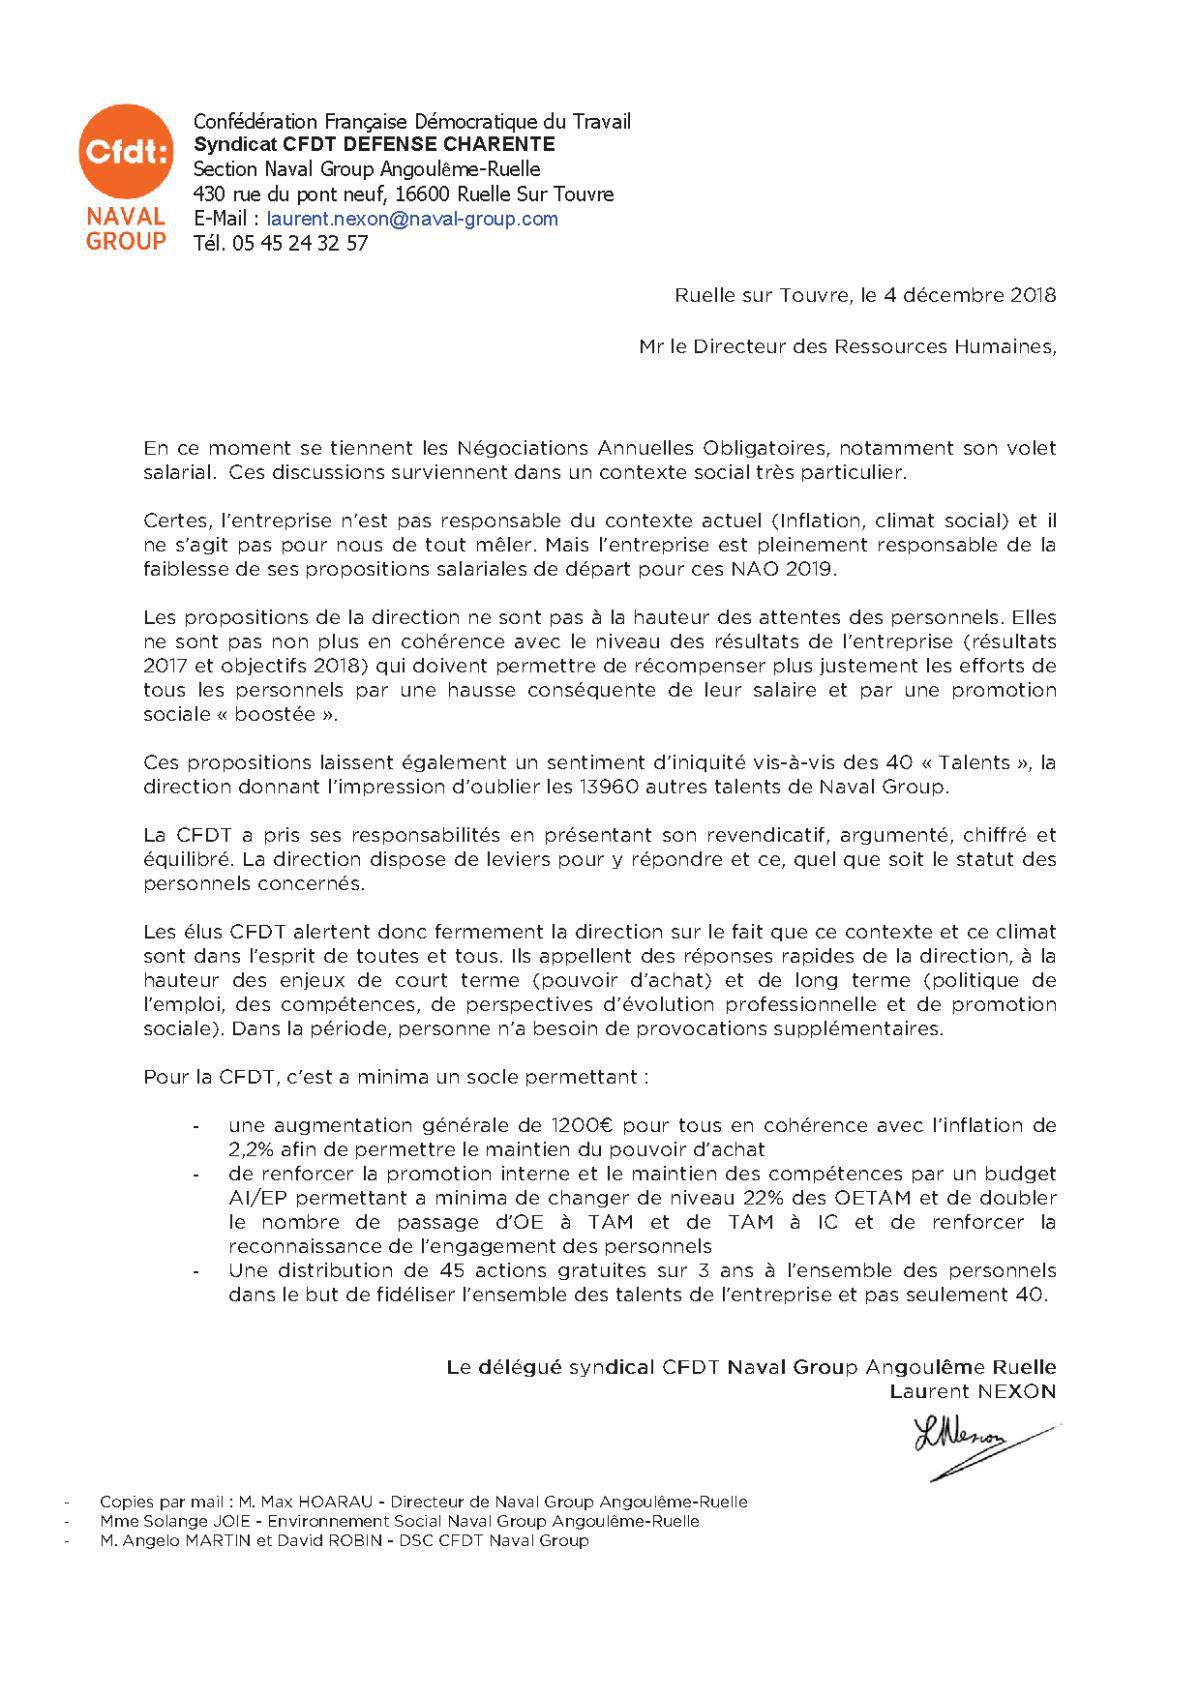 Demande d'expérimentation QVT à Ruelle : déblocage de la plage méridienne pour les HV1